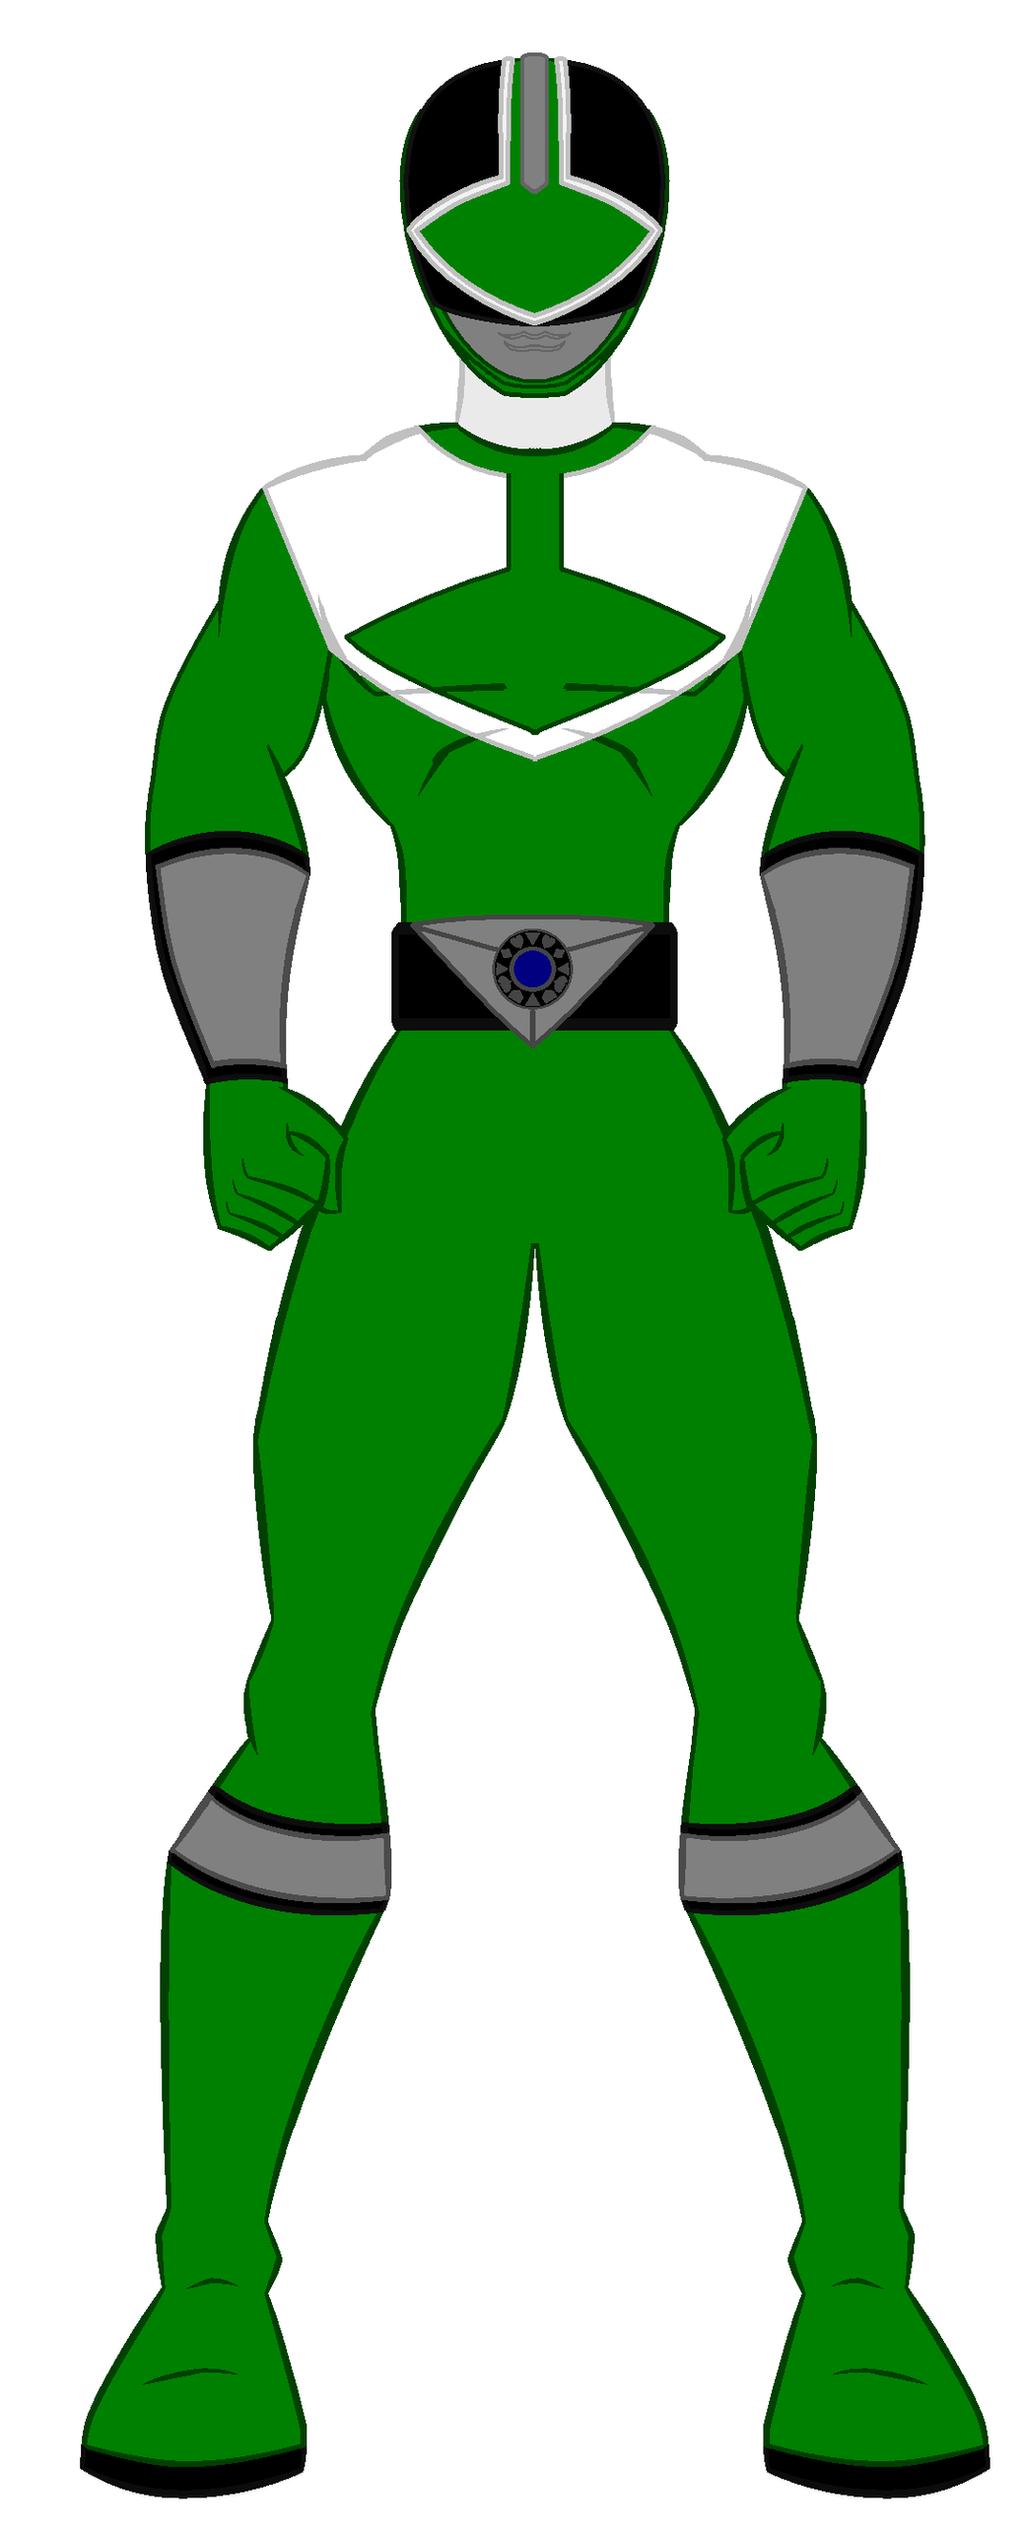 9 power rangers time green ranger by powerrangersworld999 on deviantart